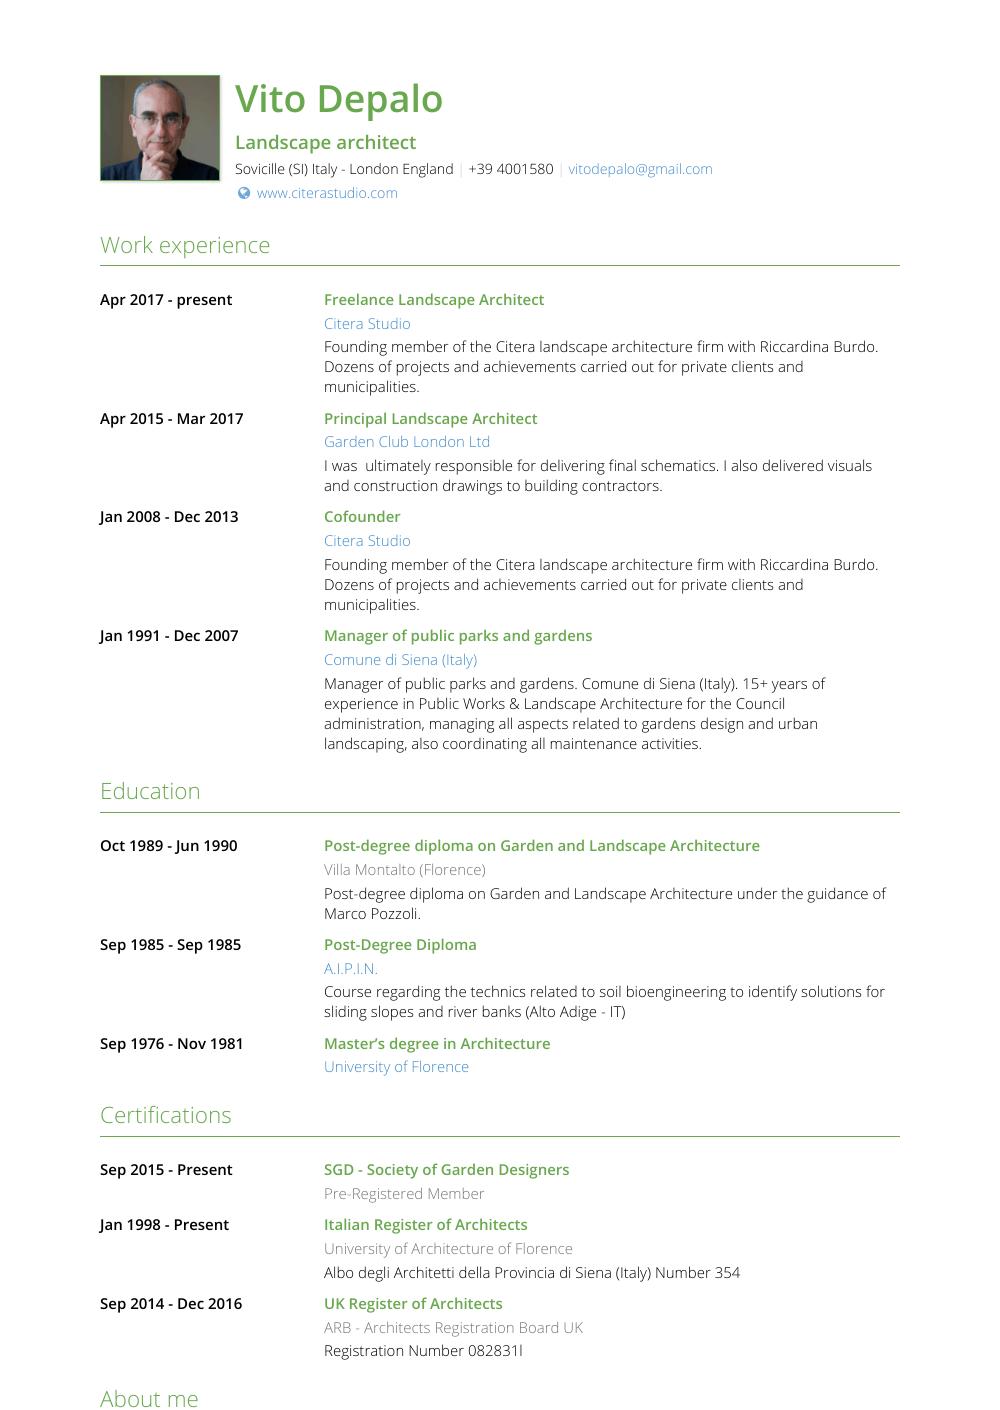 Cofounder Resume Sample